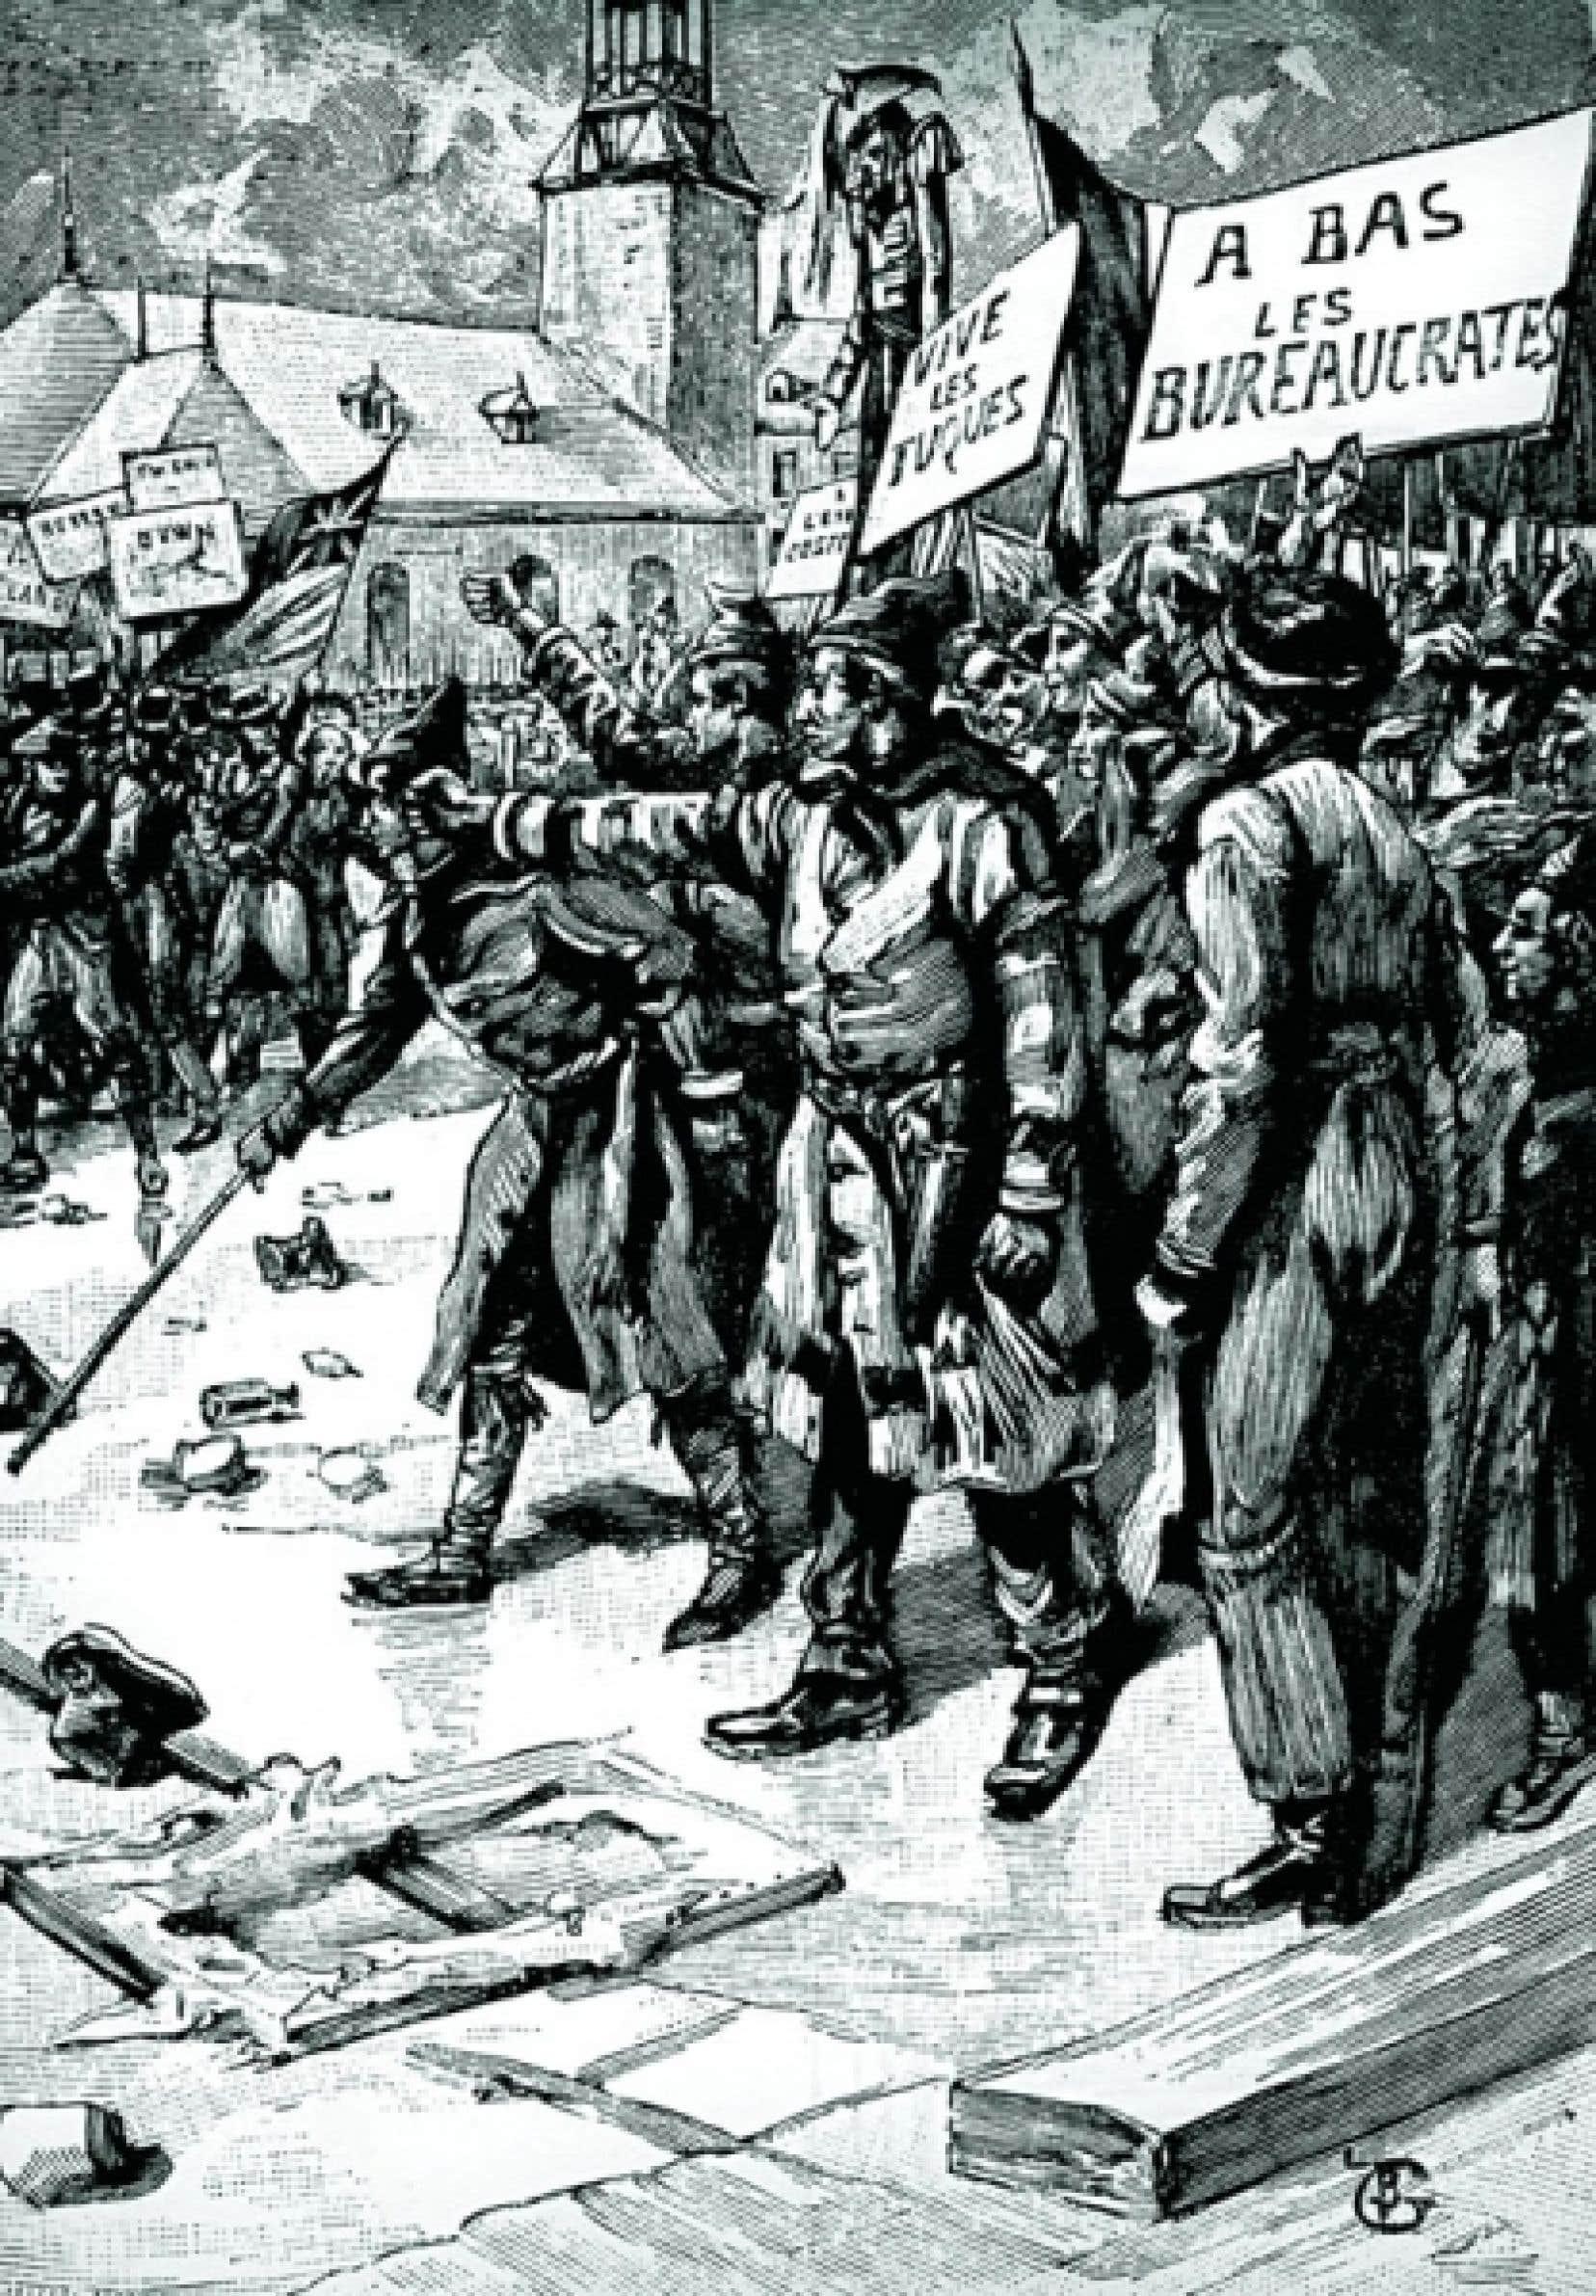 Les Patriotes utilisent le charivari politique. Gravure de Tiret Bognet publiée dans Le Monde illustré en 1890.